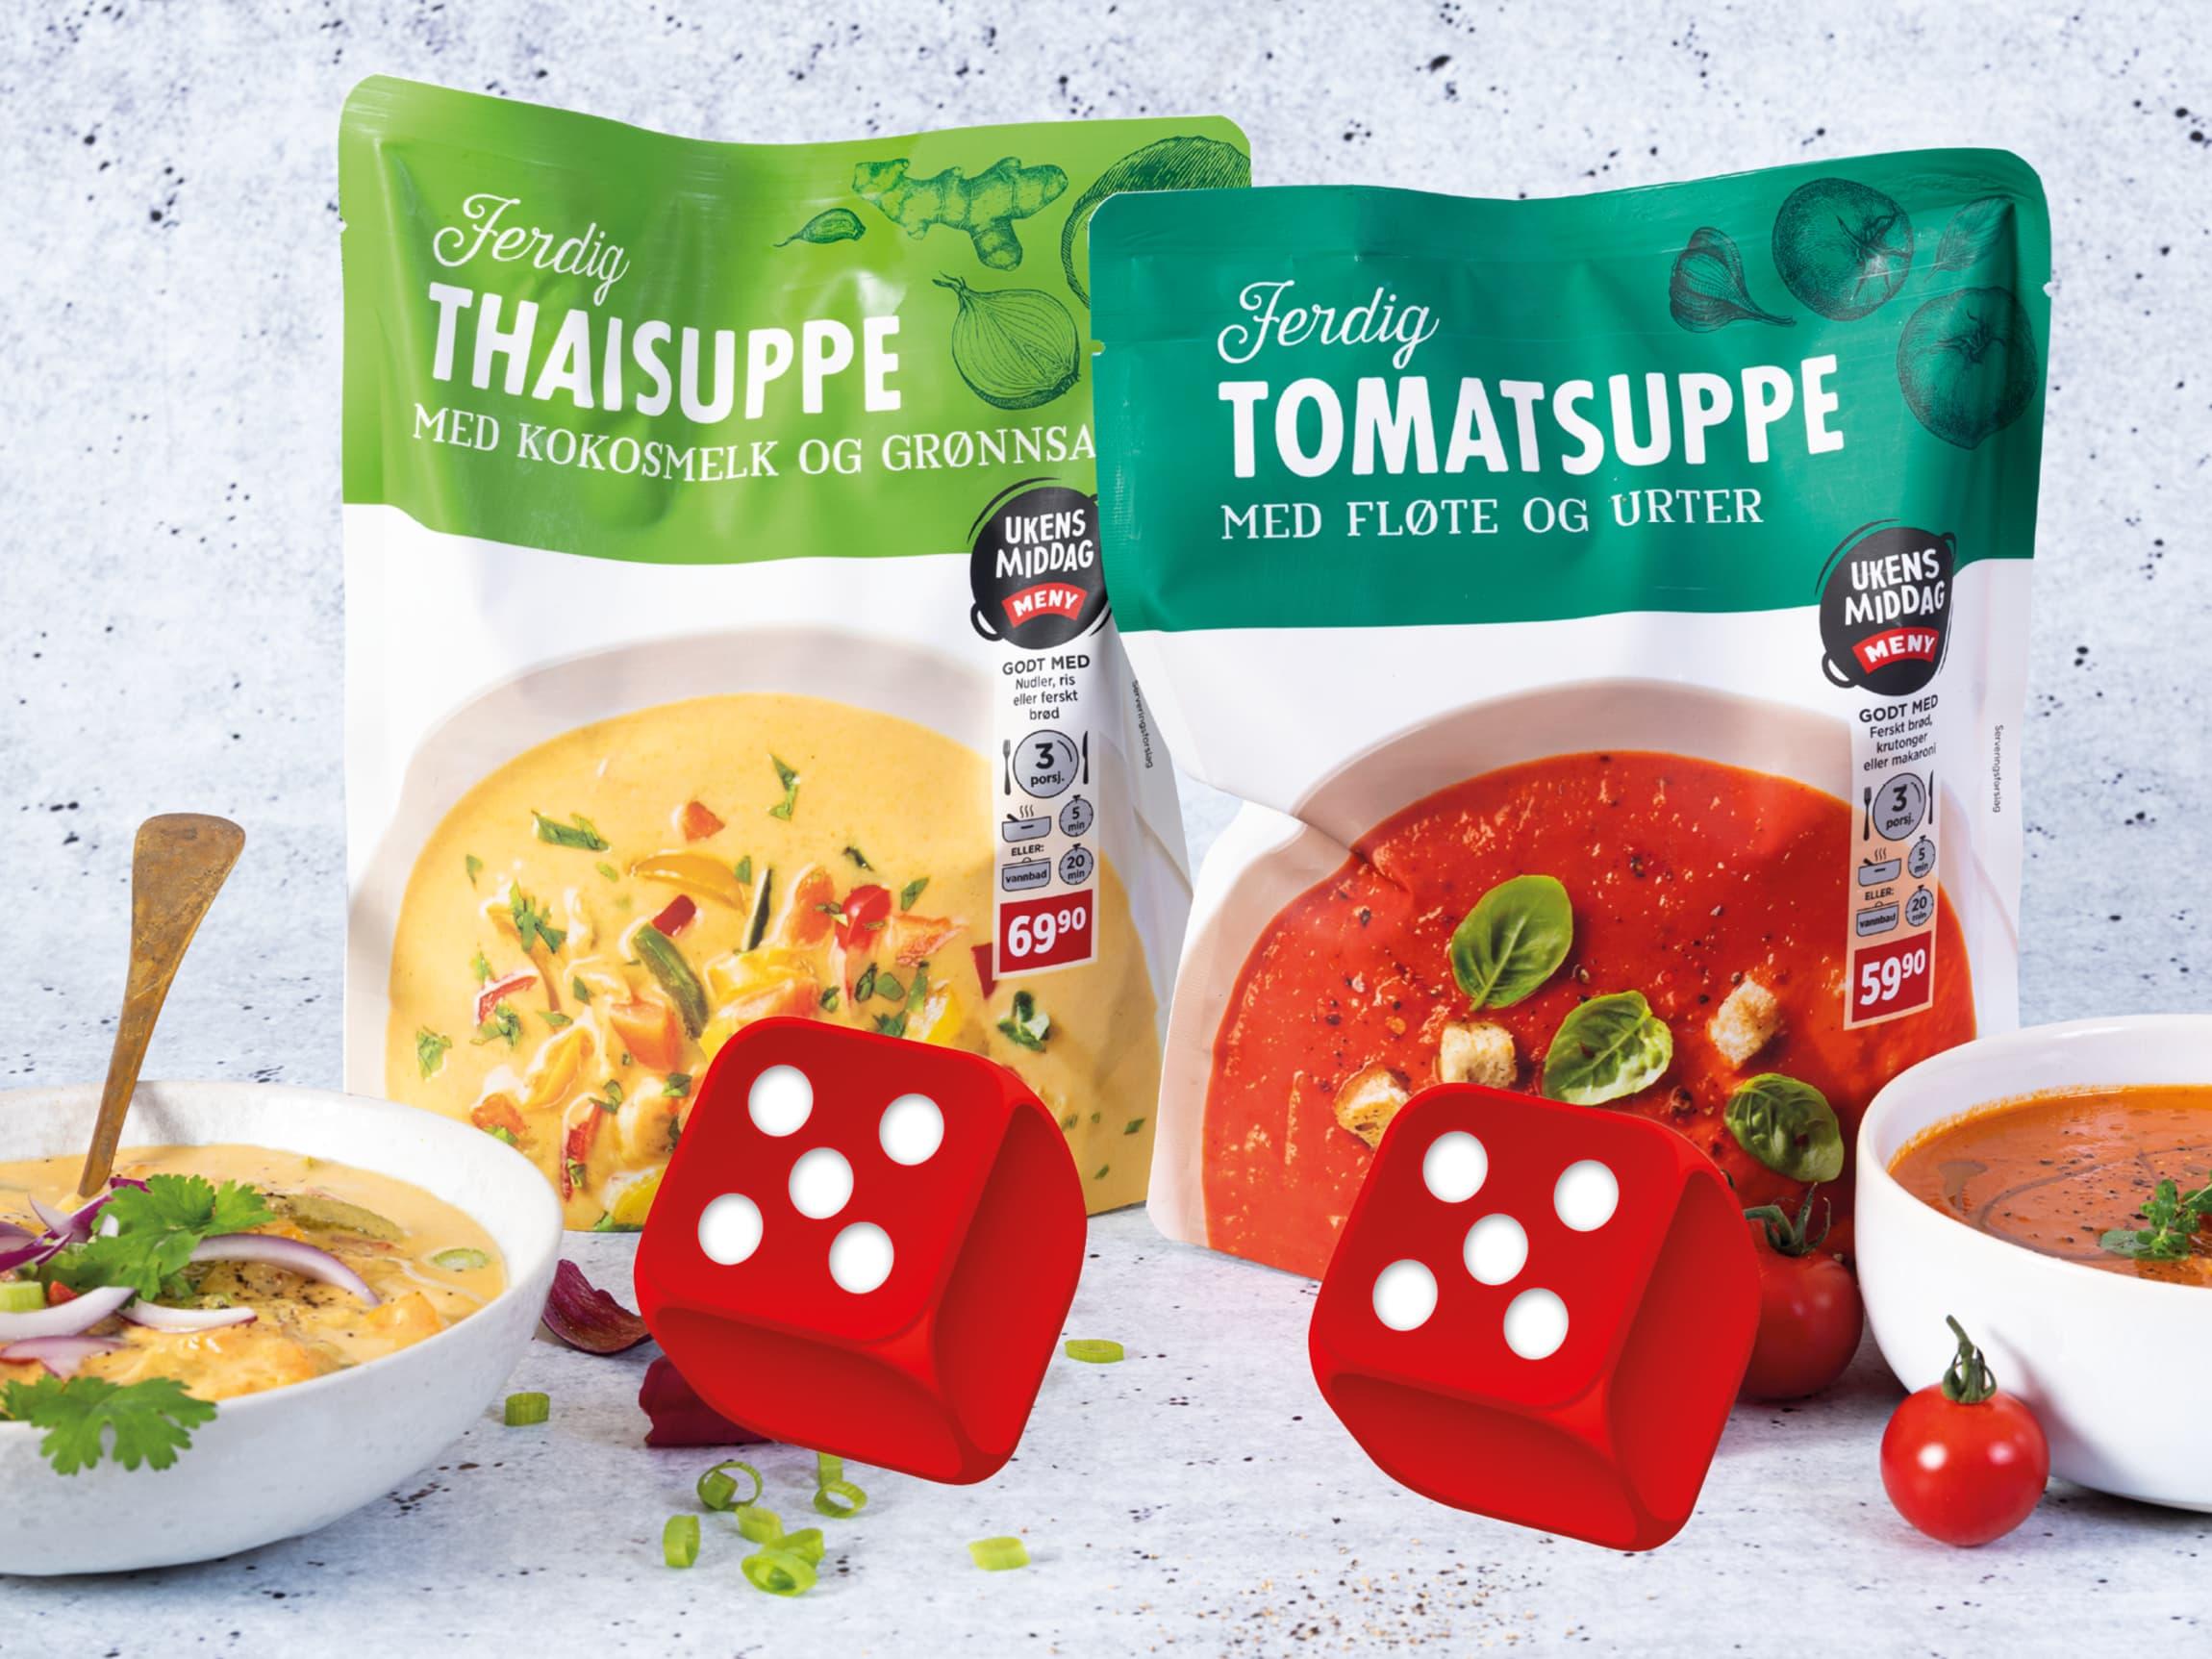 Nyhetene Ferdig Thaisuppe og Ferdig Tomatsuppe fikk begge terningkast 5 i Dabladets suppetest 2/10-2020